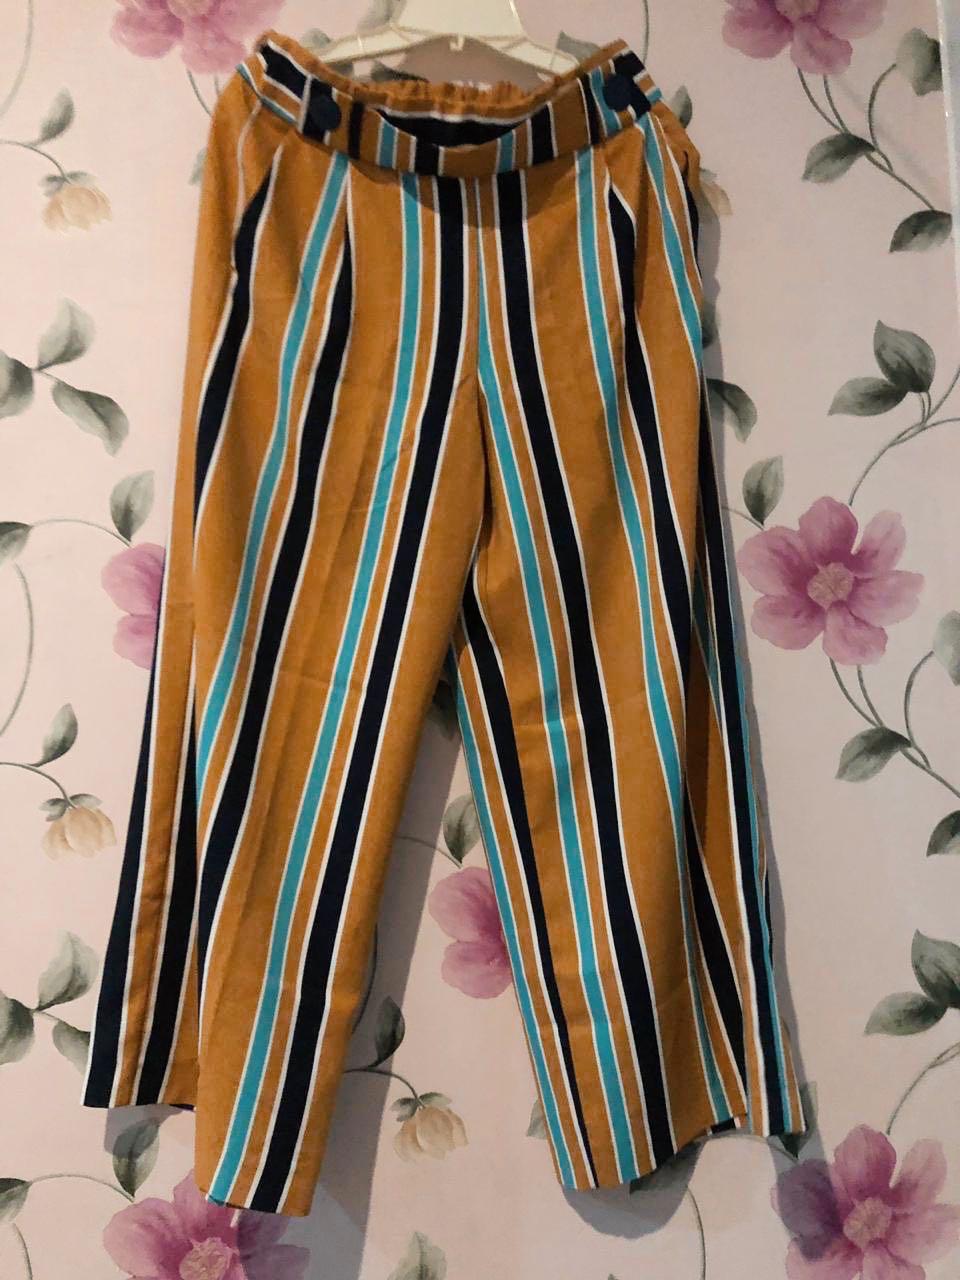 Zara TRF Mustard Striped Wide Leg Culotte Pants